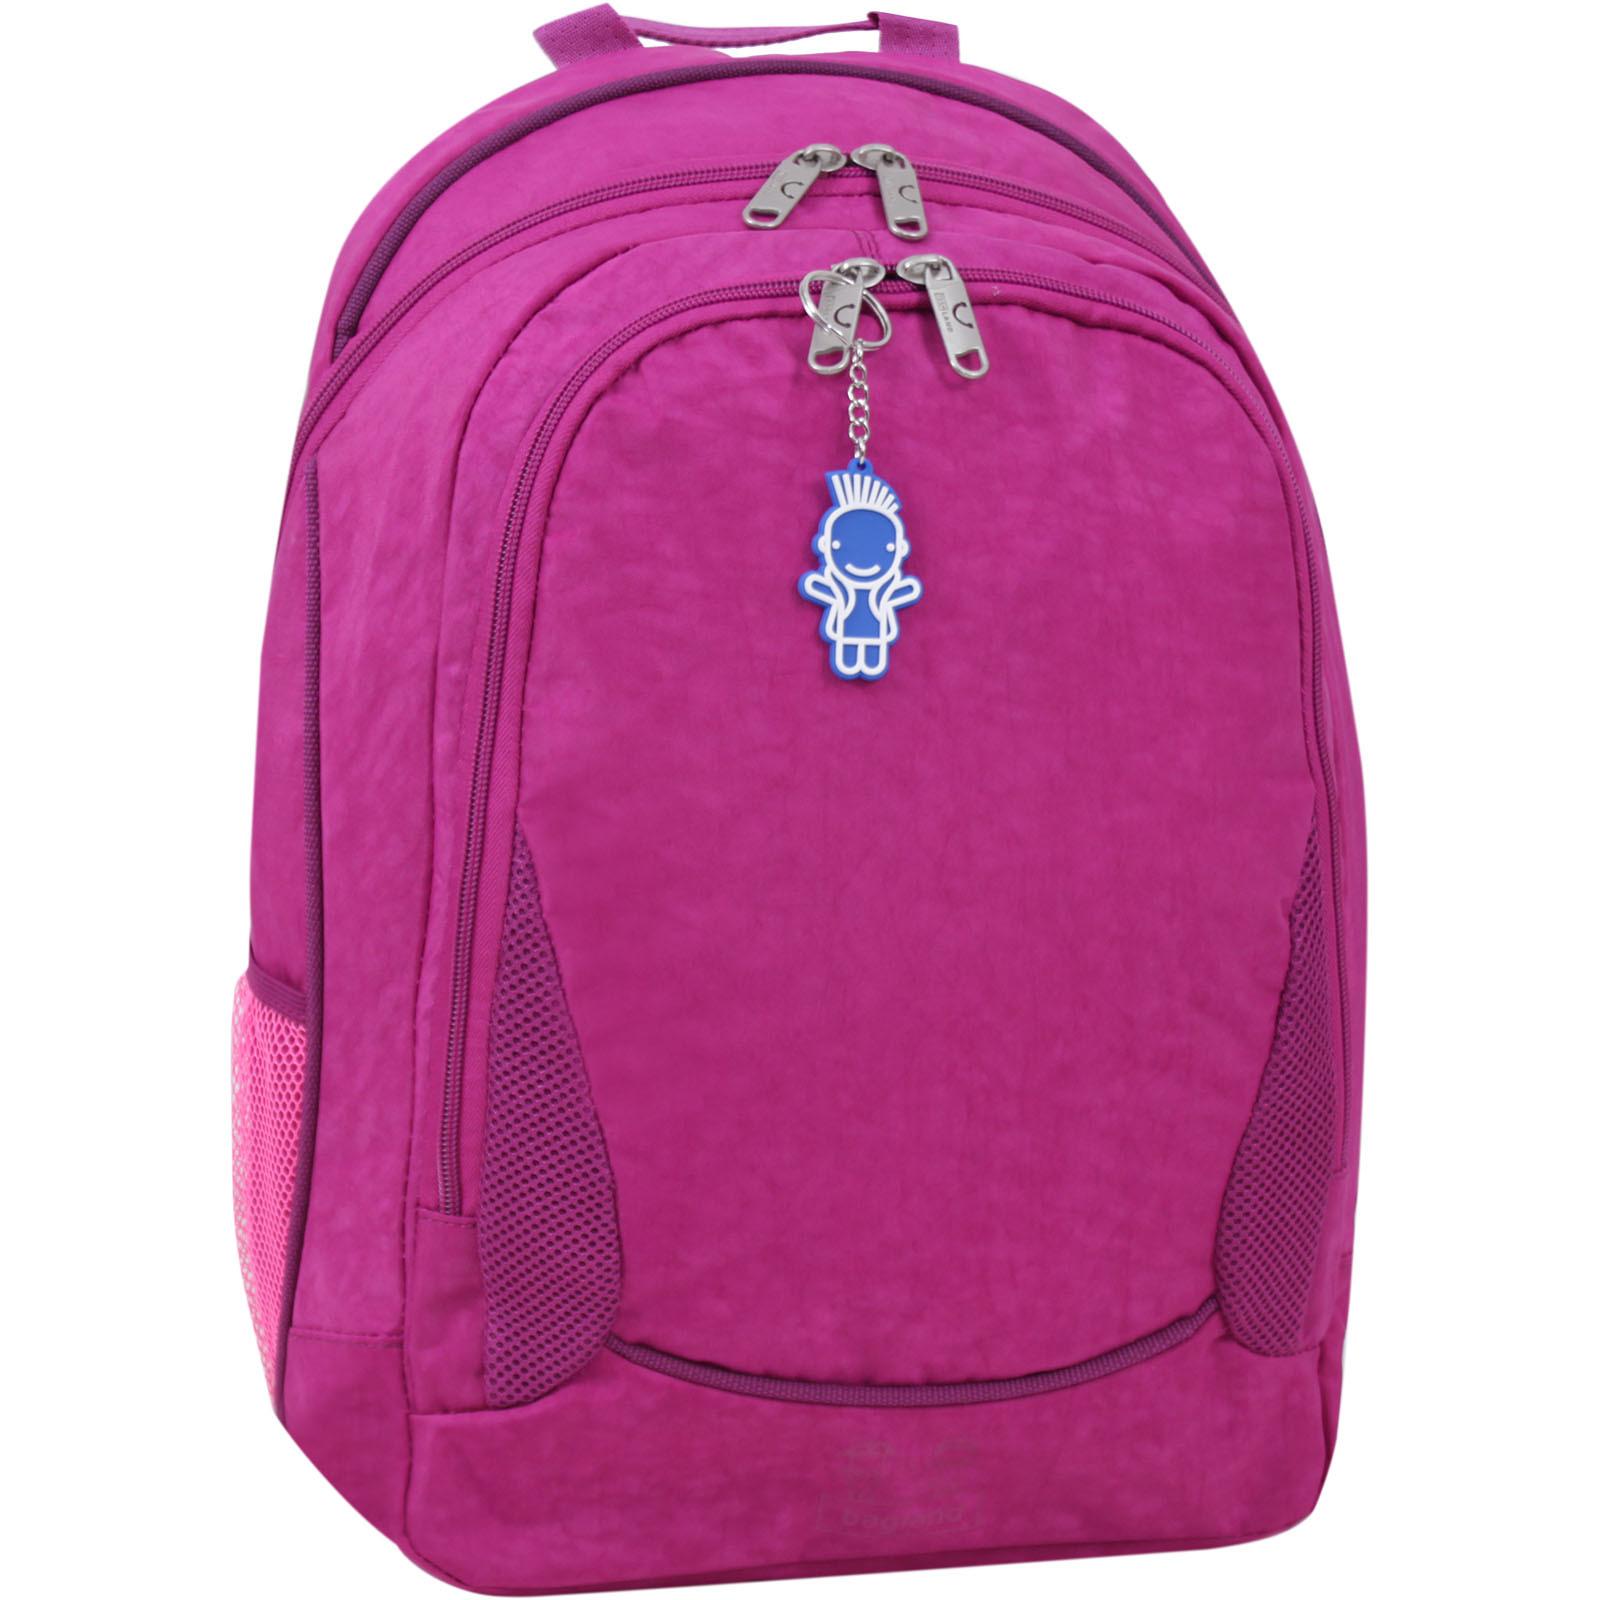 Городские рюкзаки Рюкзак Bagland Ураган 20 л. Розовый (0057470) IMG_8893-1600.jpg